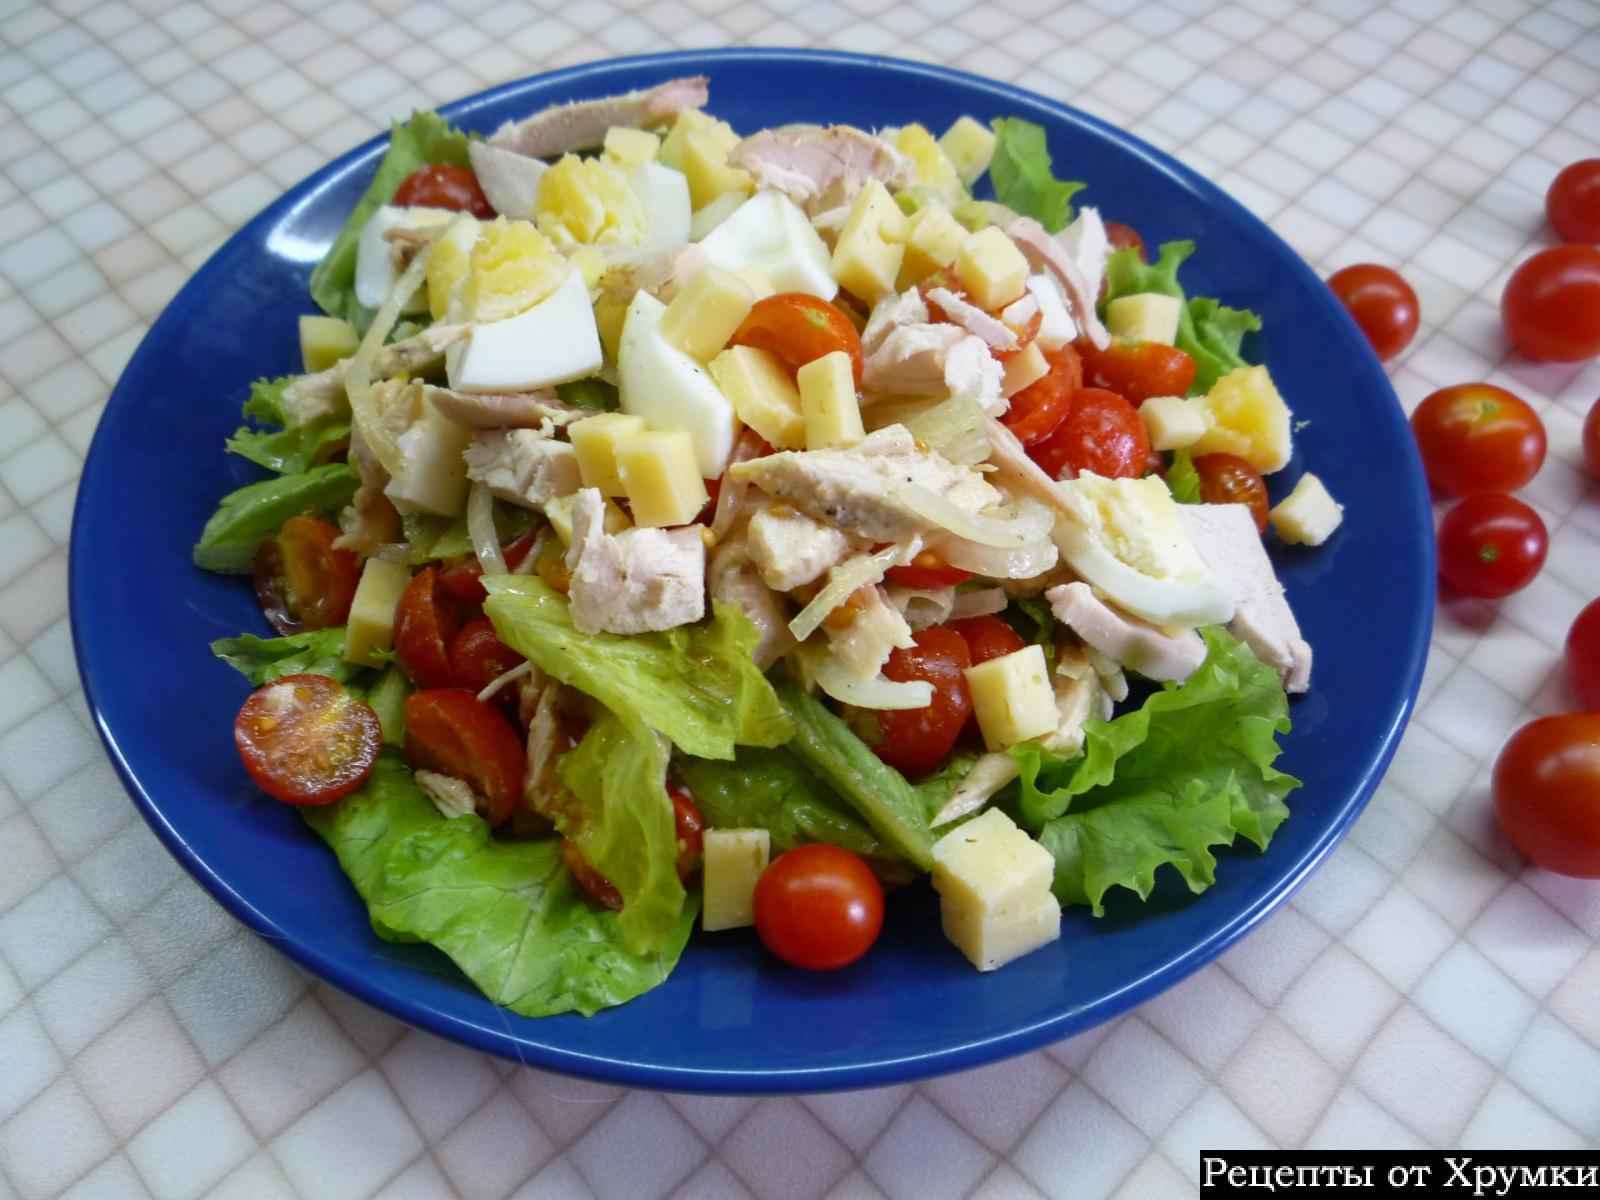 как приготовить салат цезарь с курицей и перепелиными яйцами